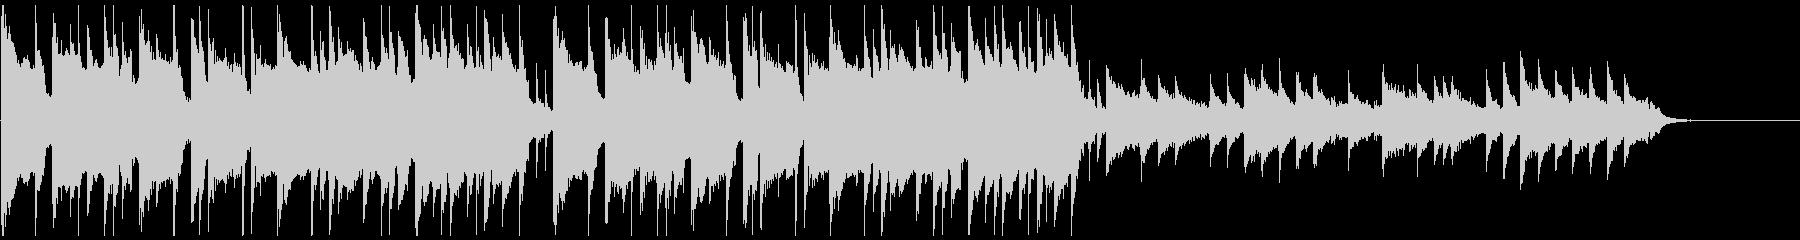 ピアノメインの和風ダークトラップビートの未再生の波形